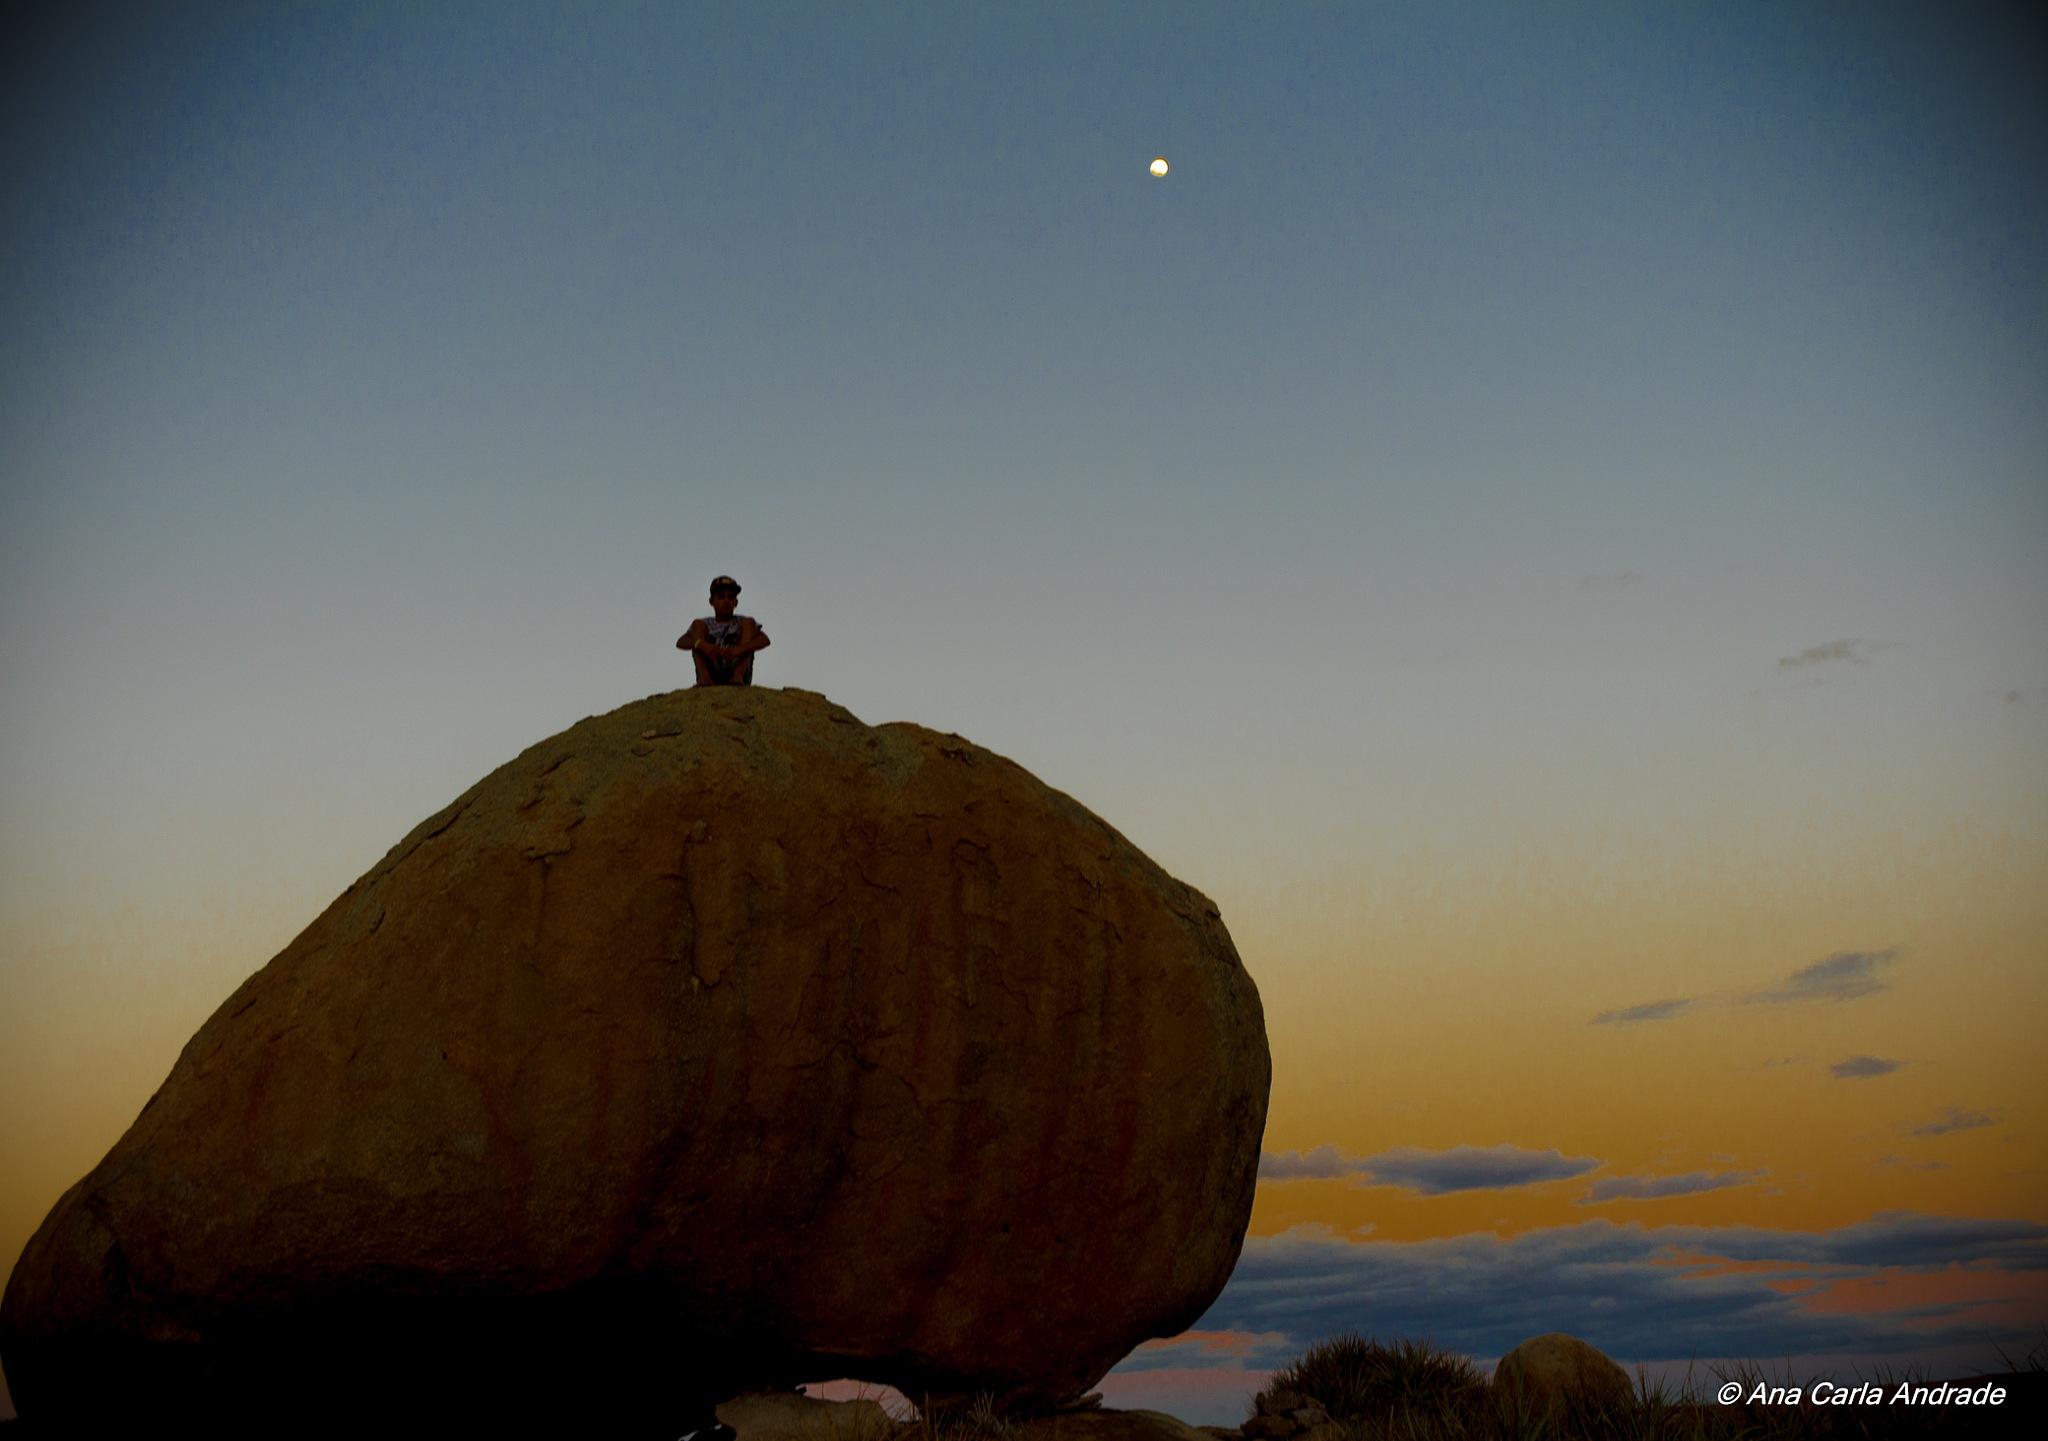 Sobre a Pedra by Ana Carla Andrade